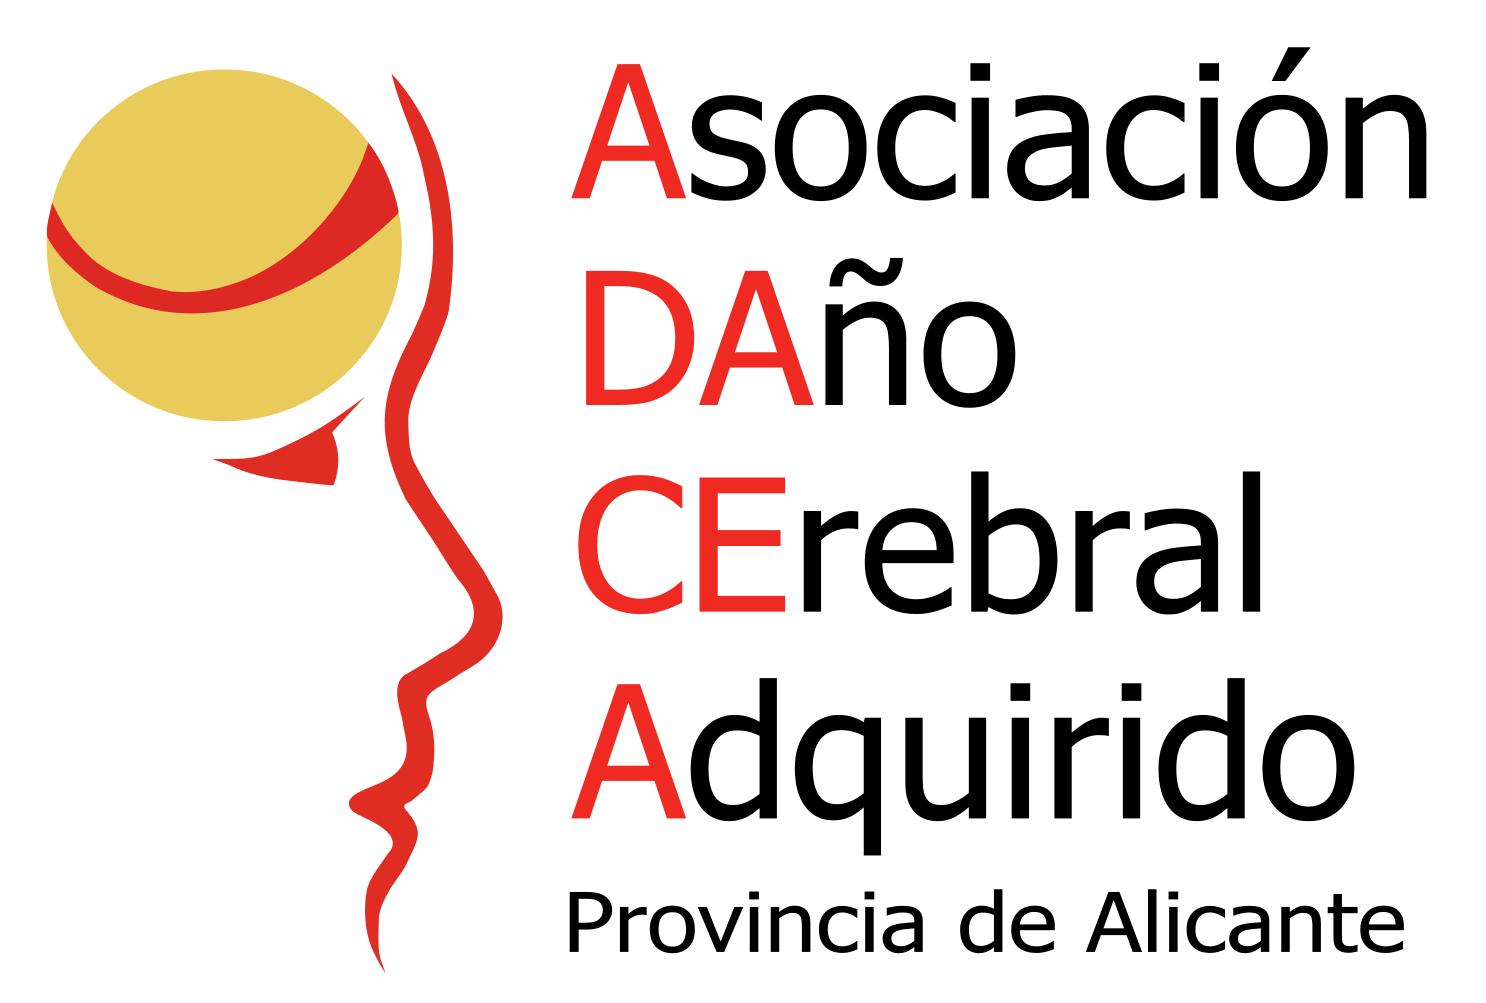 """La jornada de inclusión socio-laboral y daño cerebral, en """"La Voz de Adacea"""", 22 de febrero de 2018"""